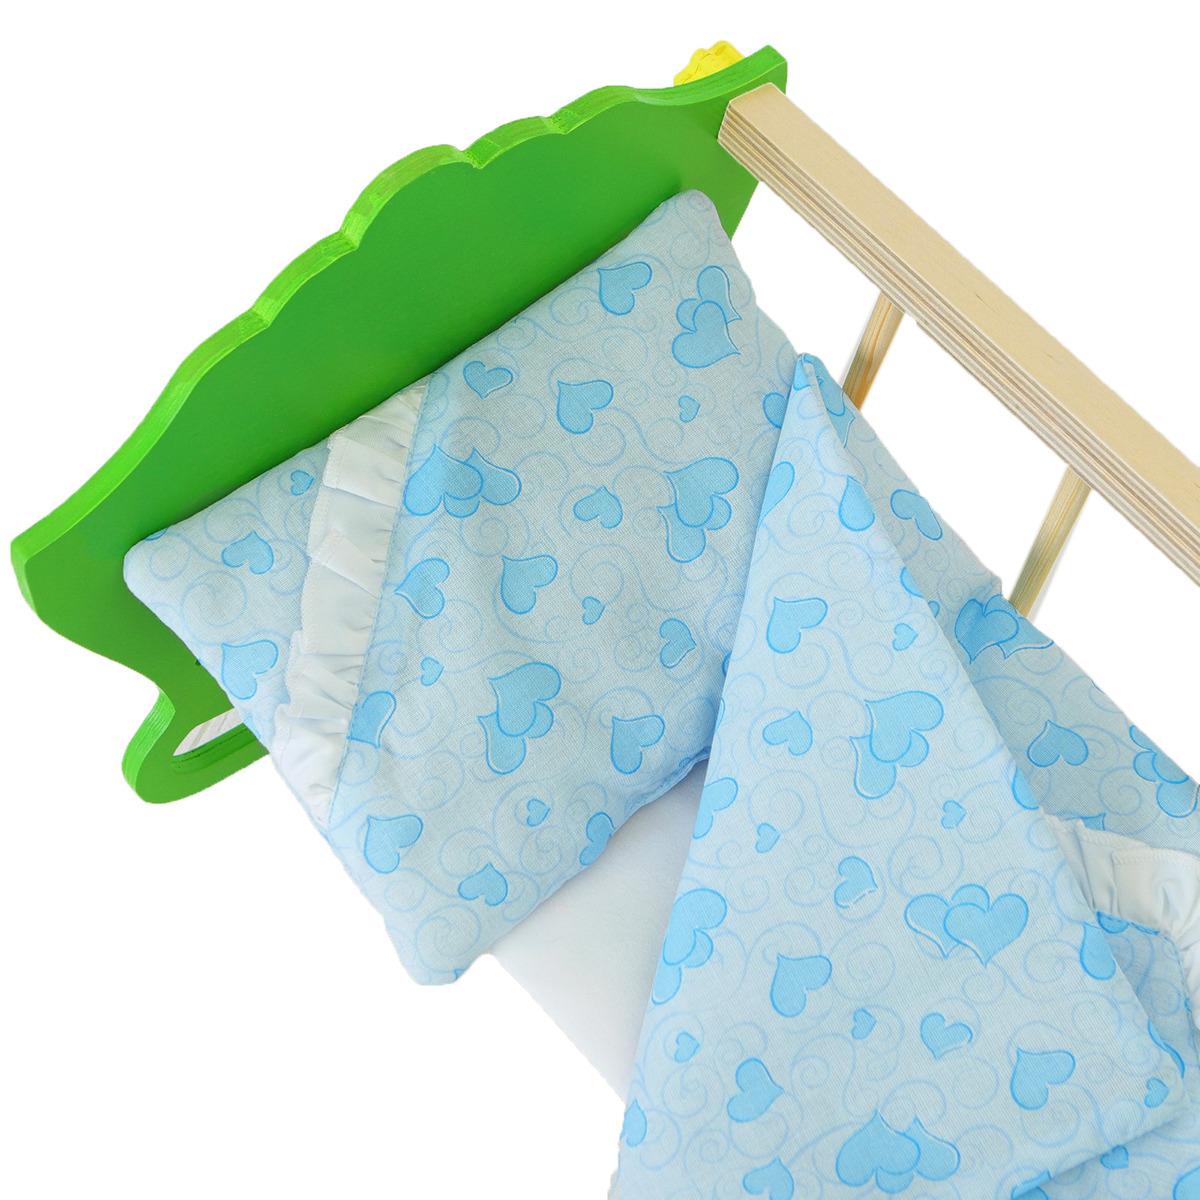 Постельное белье для куклы Страна Карнавалия Сердечки голубые: простынь, одеяло, подушка, 40164634016463Все девочки любят играть с пупсами. А у каждого пупса, как у настоящего малыша, должны быть свои наряды и аксессуары. С ними играть станет еще веселее!